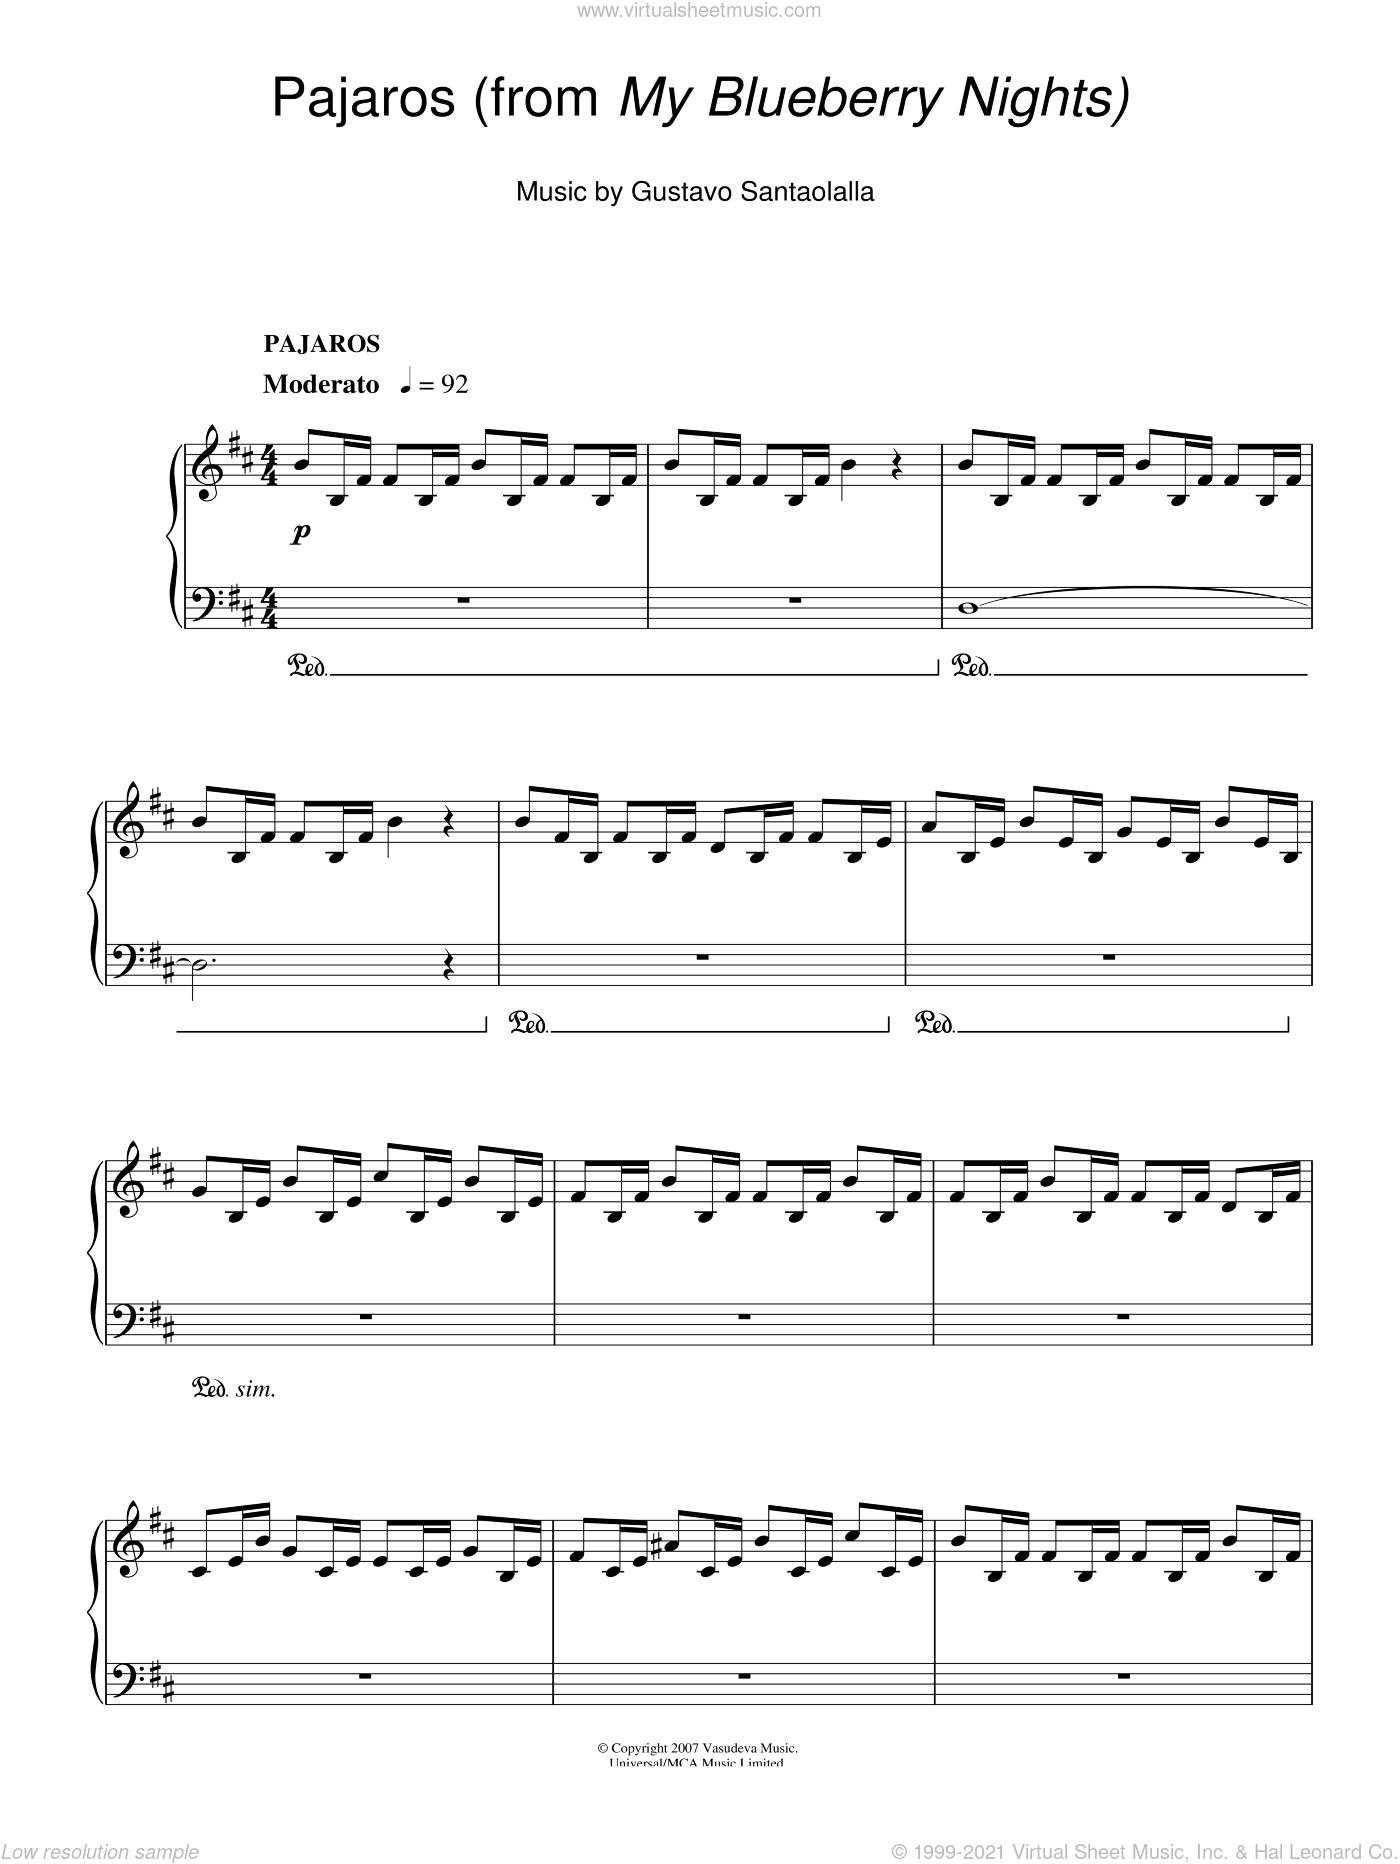 Pajaros sheet music for piano solo by Gustavo Santaolalla, intermediate skill level